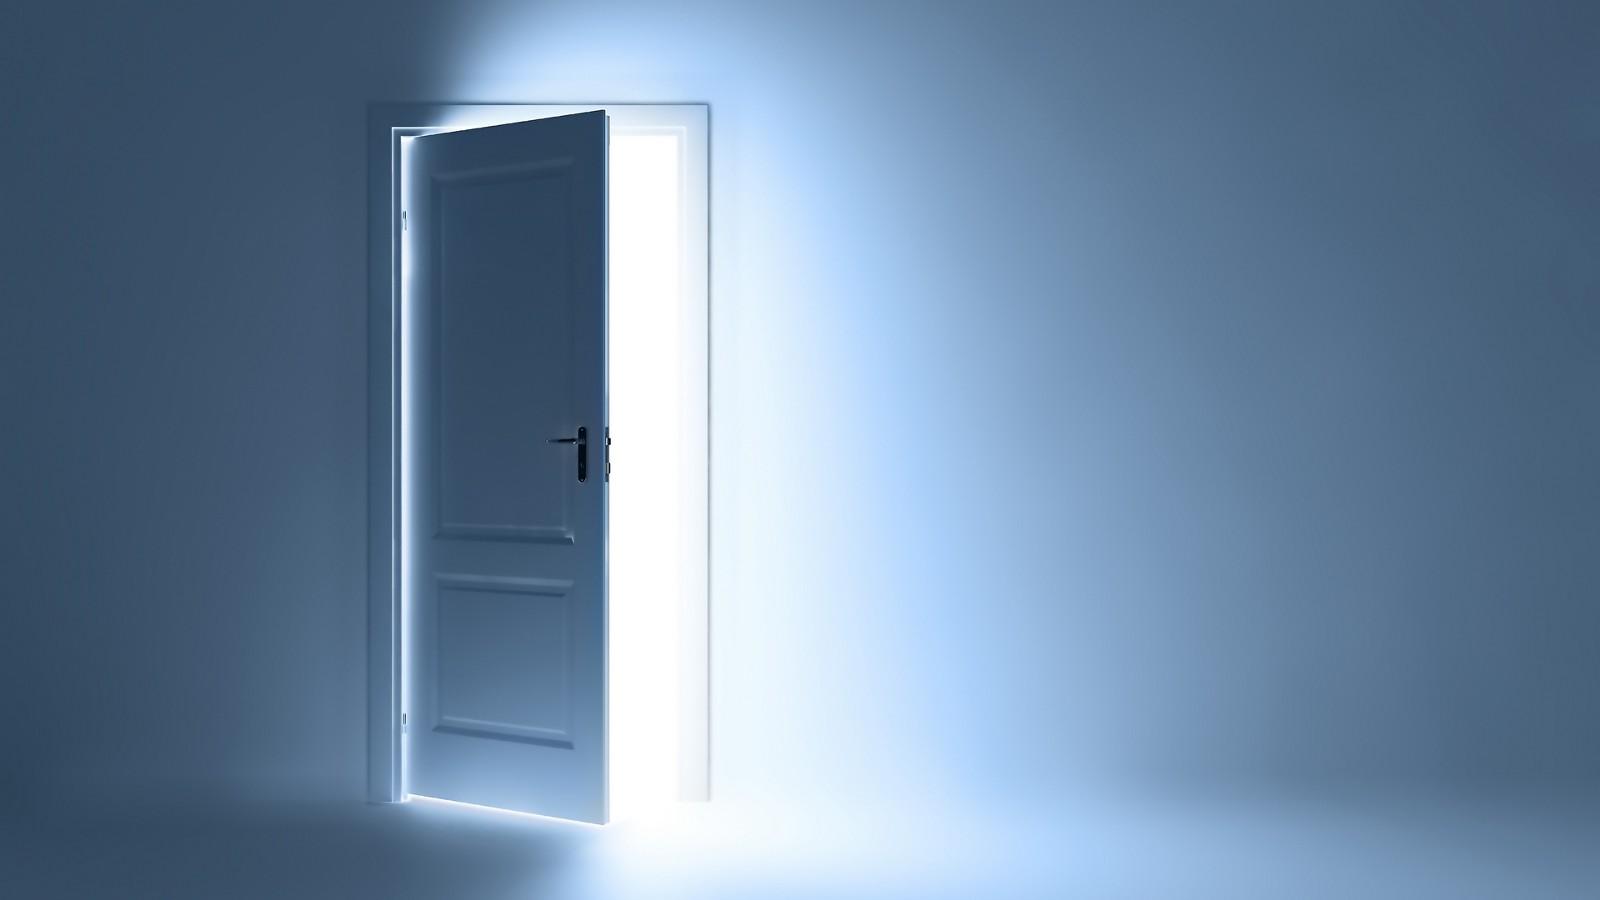 снится открытая дверь